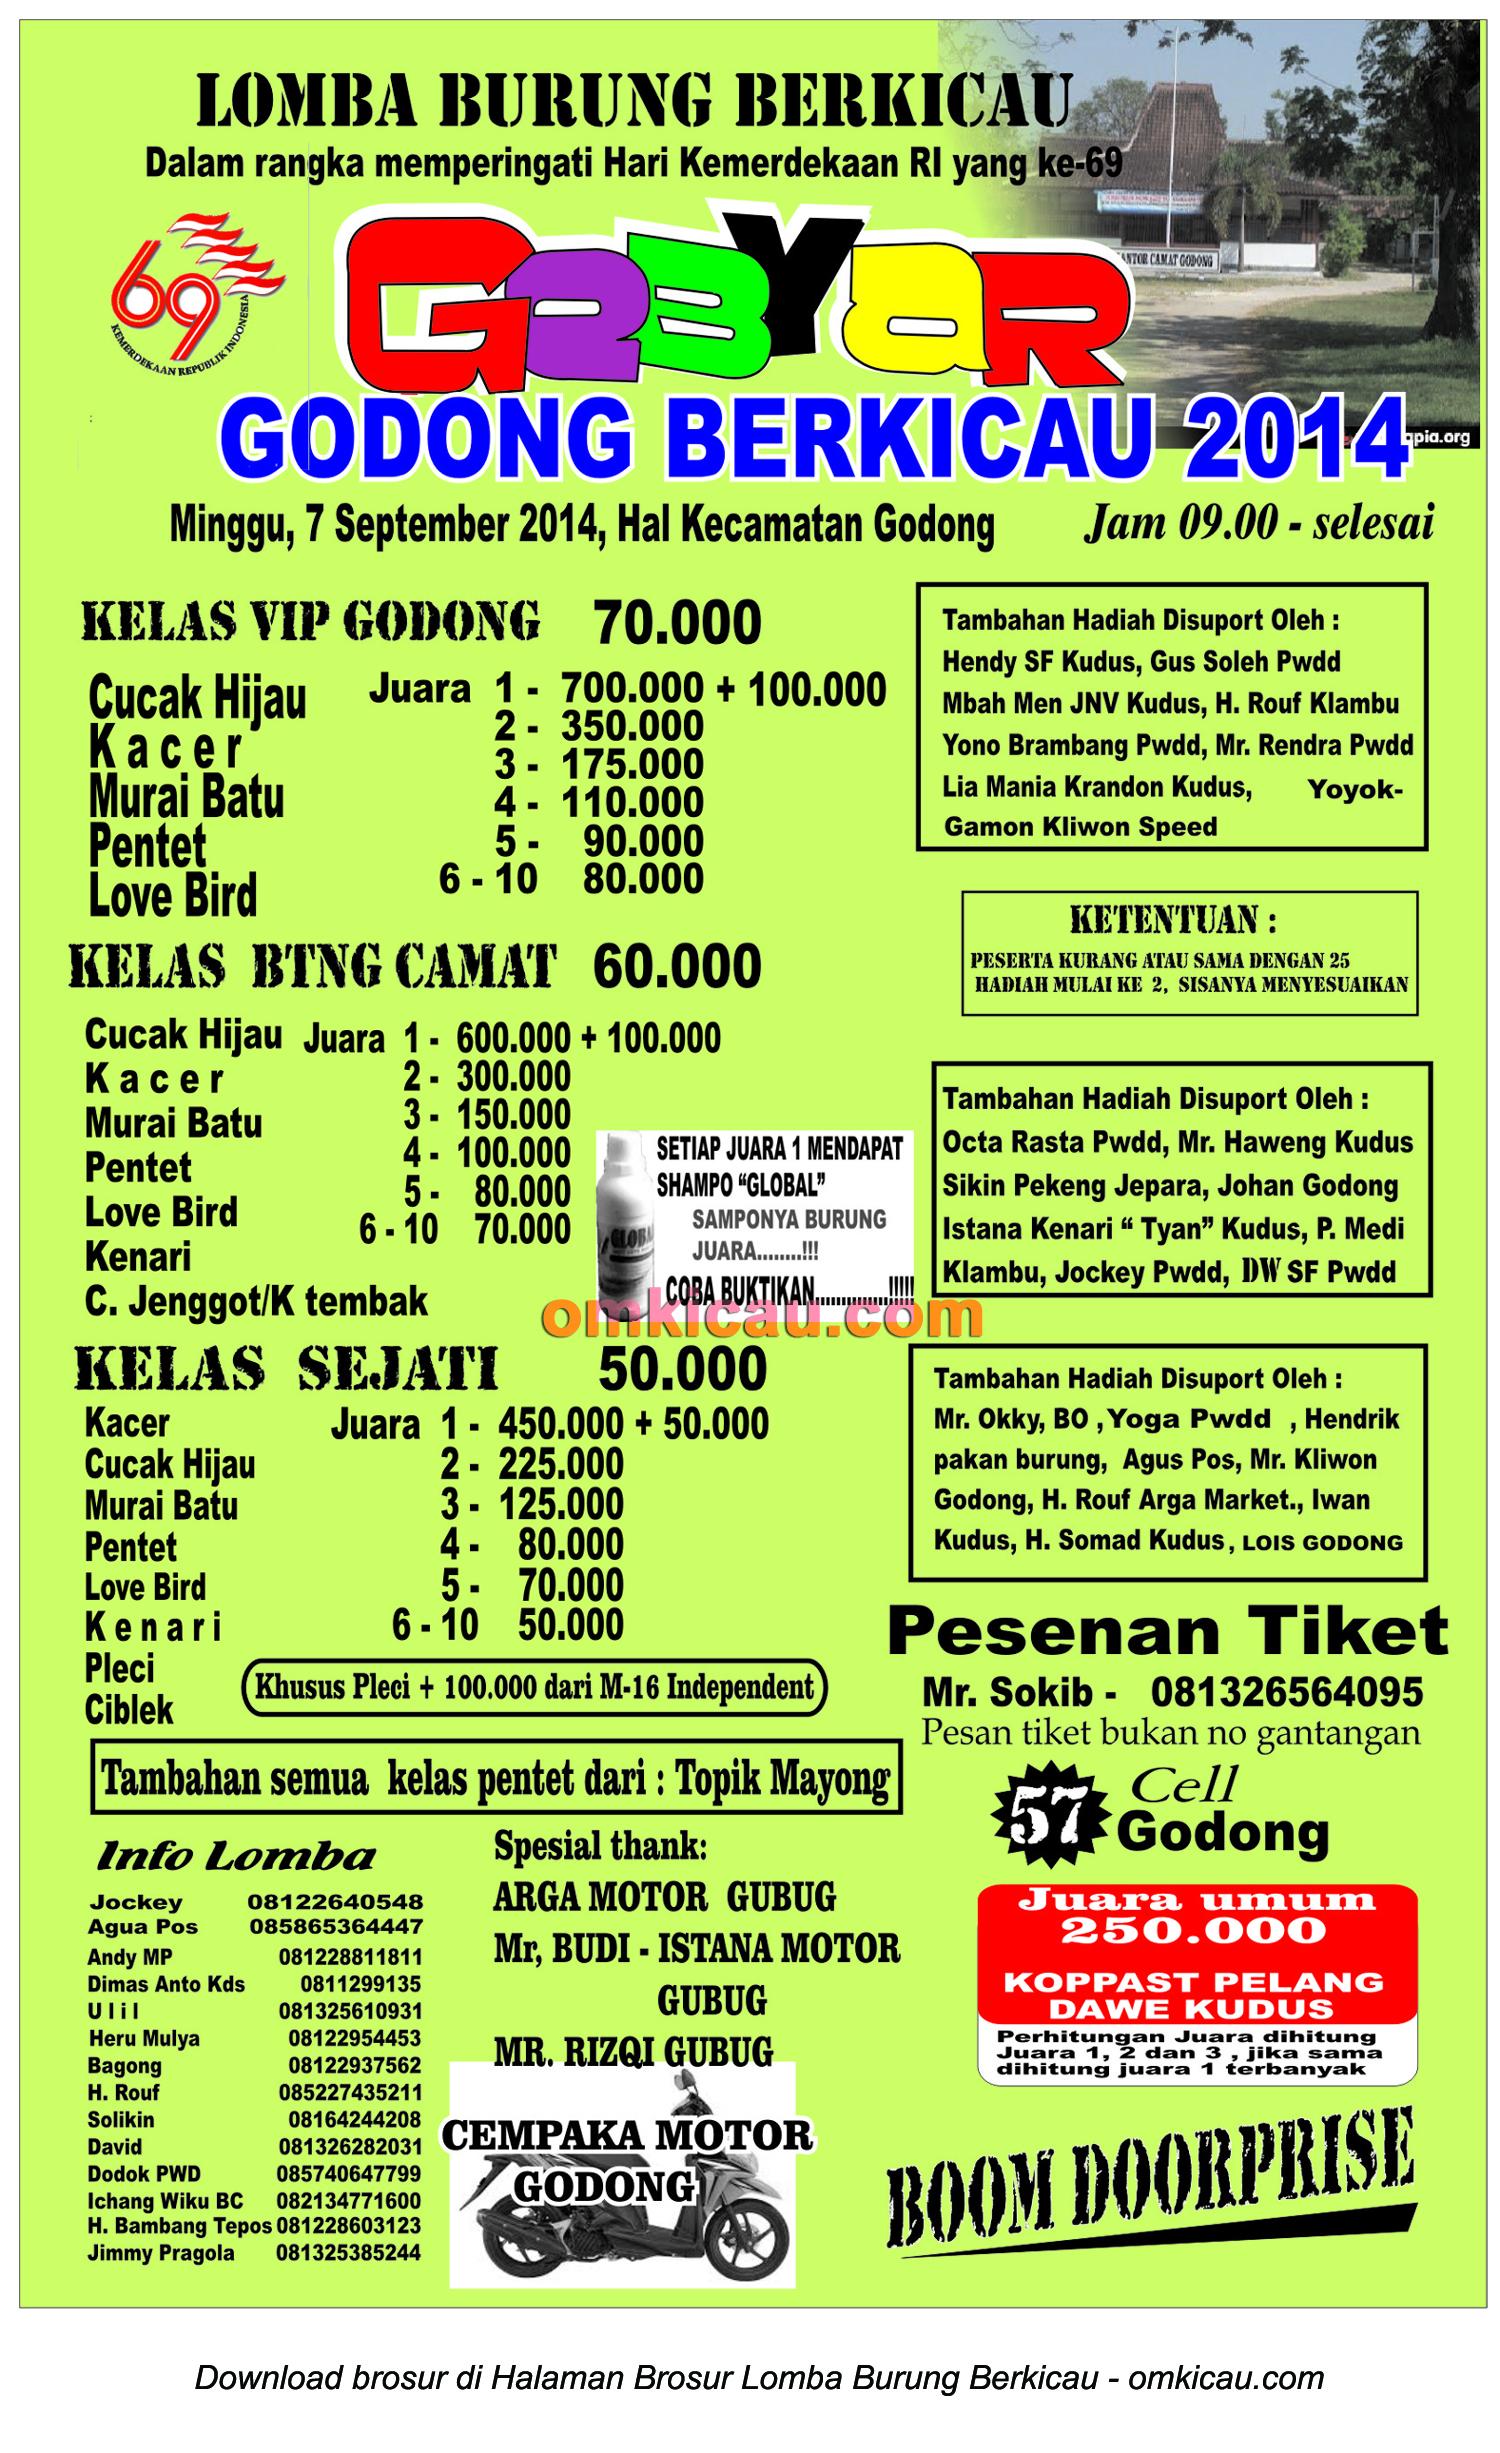 Brosur Lomba Burung Godong Berkicau 2014, Kab Grobogan, 7 September 2014